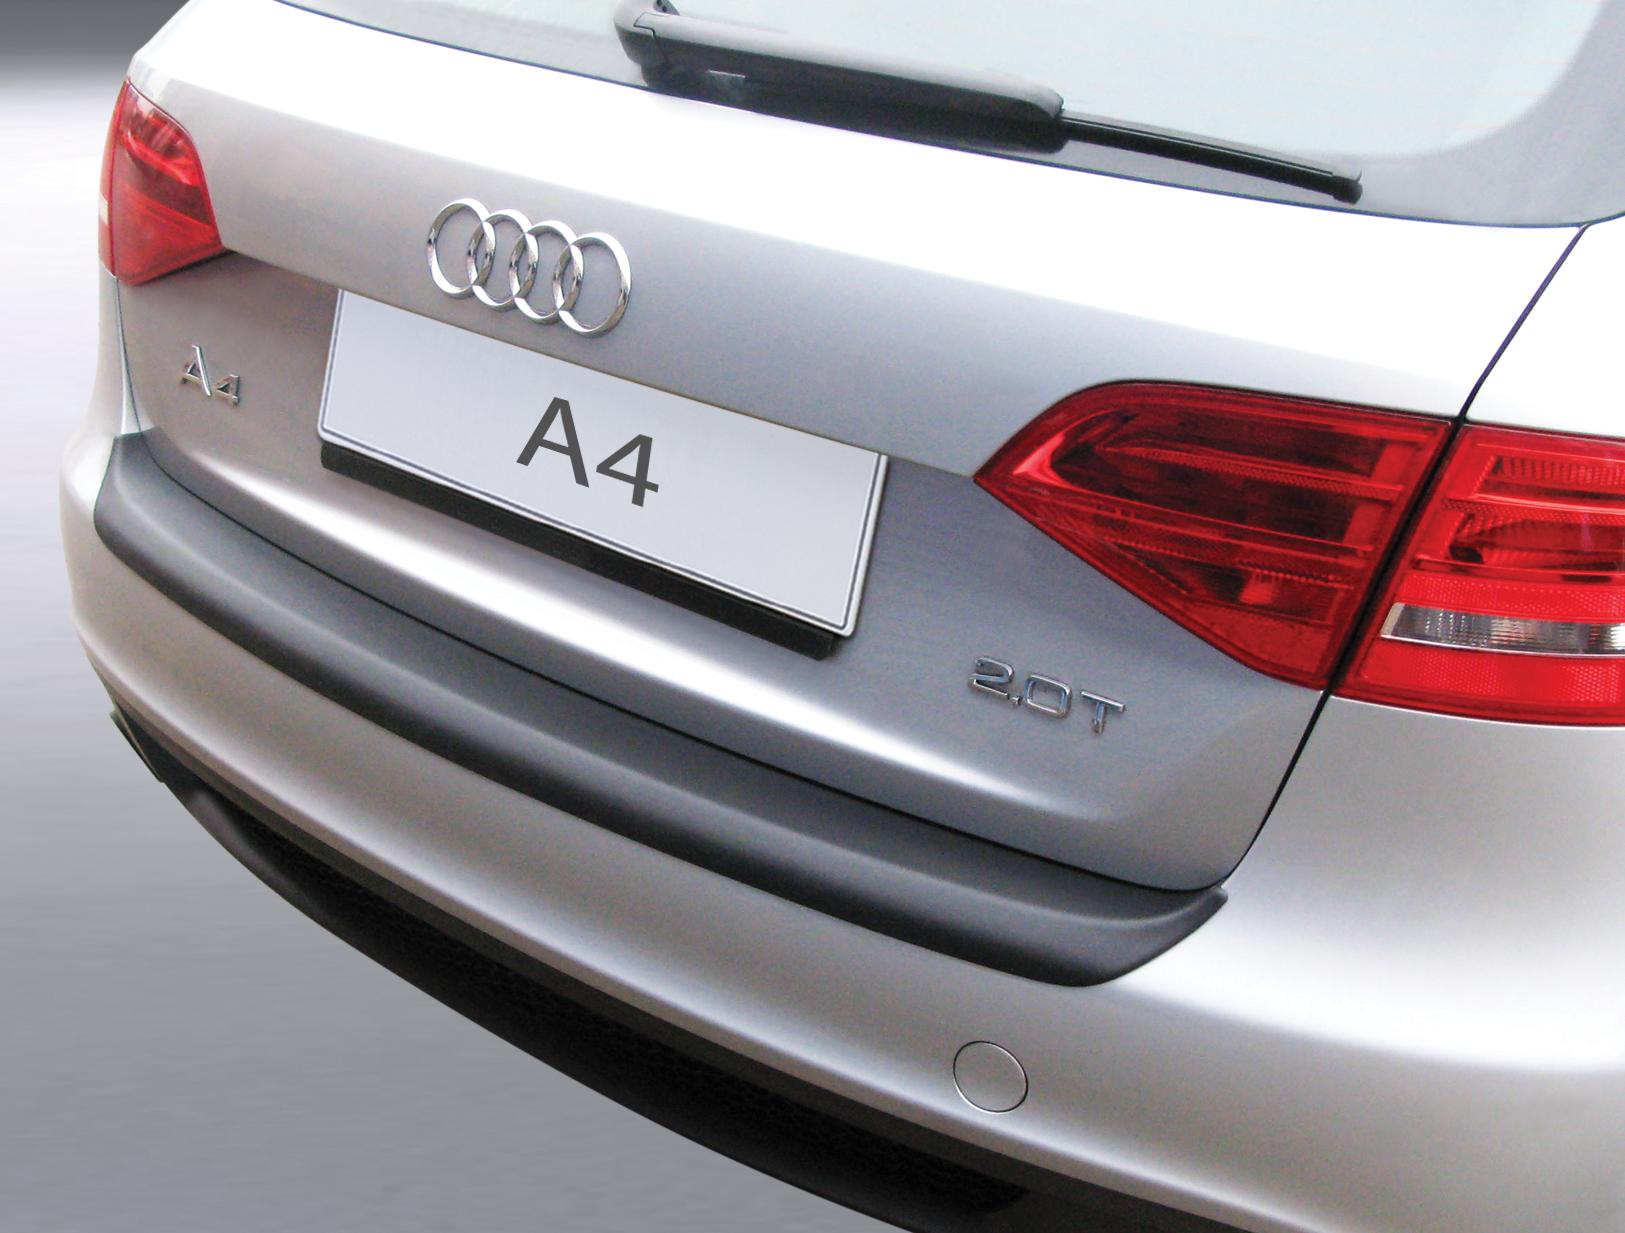 Takapuskurin kolhusuoja Audi A4 Avant 08-12 (EI S4)